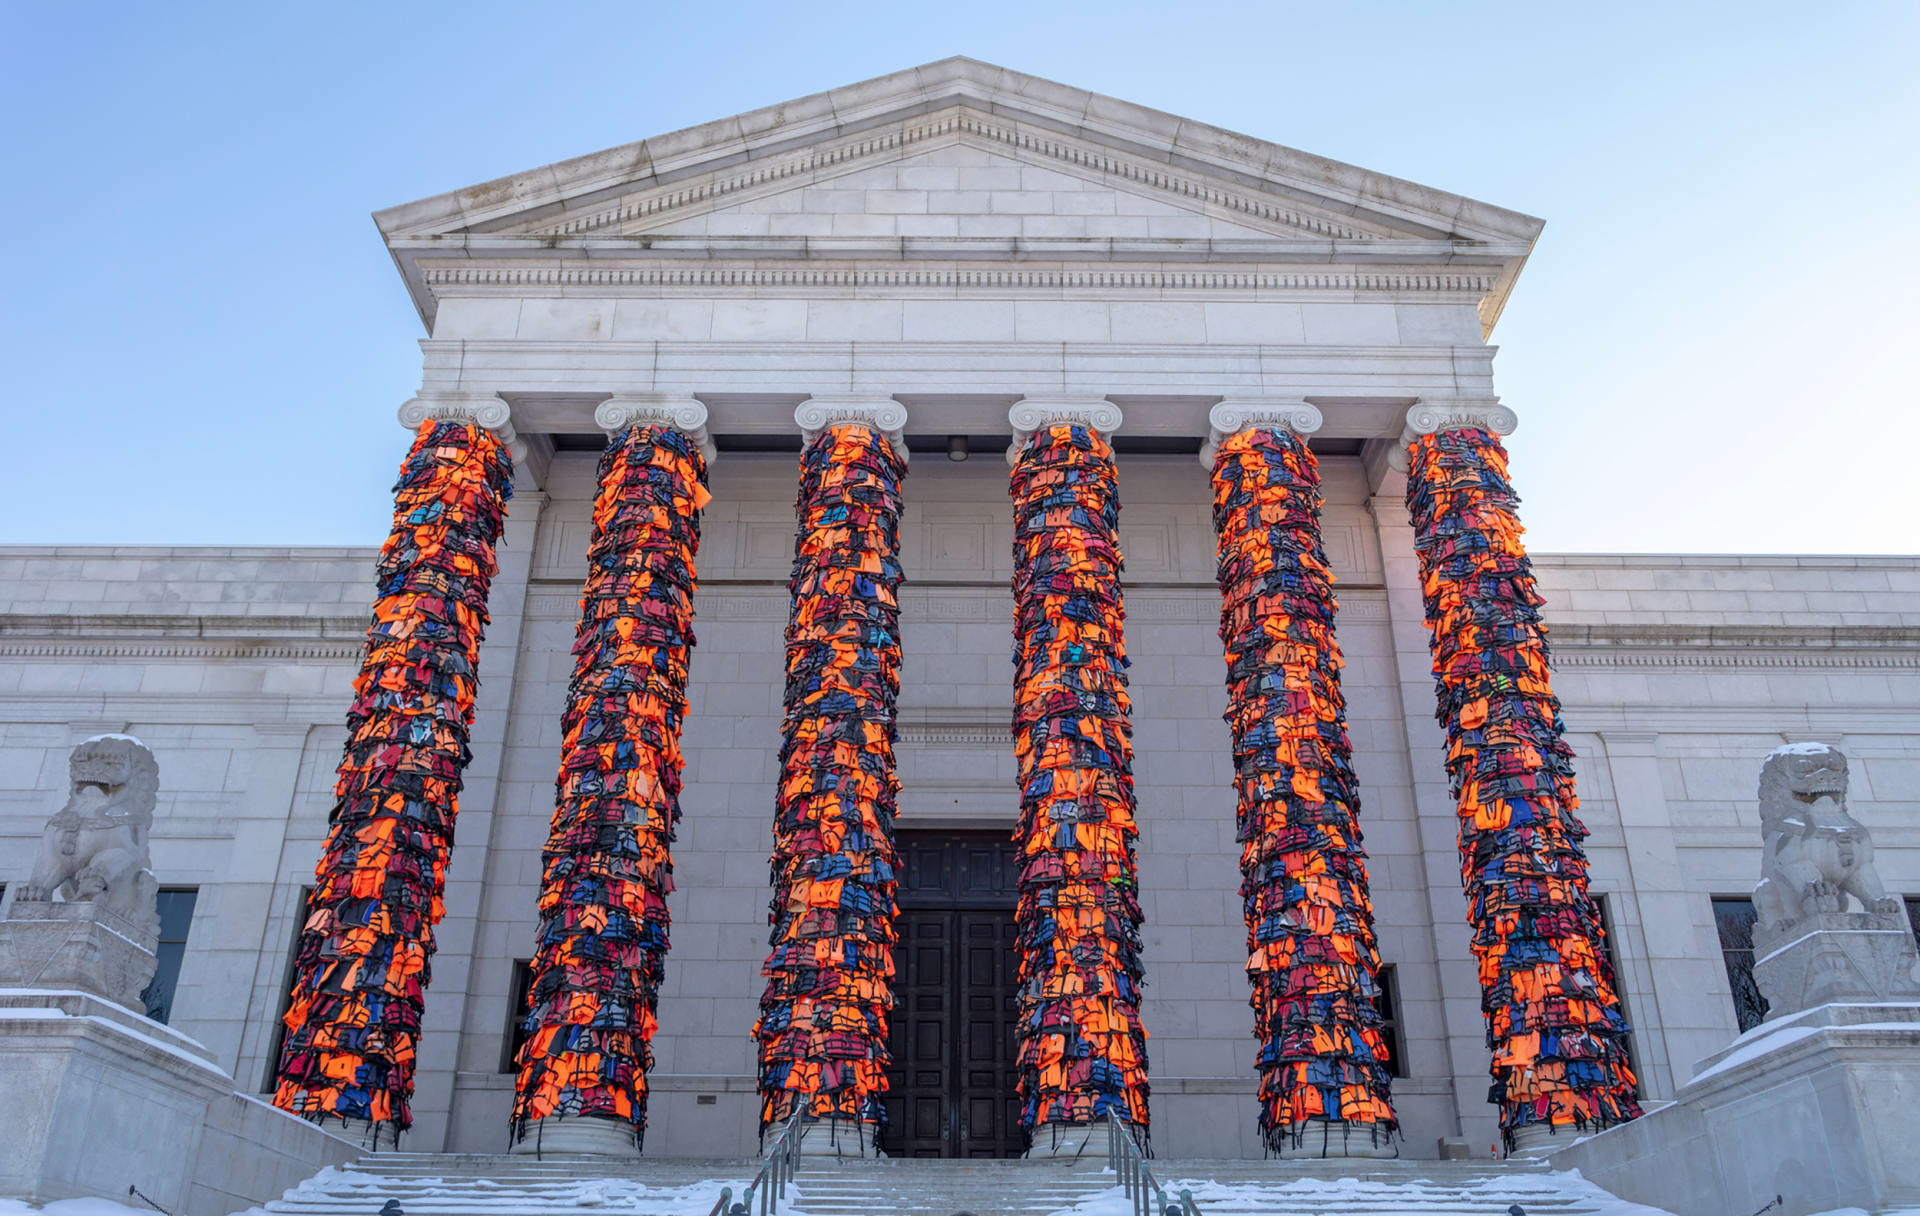 بمشهد لافت.. تغطية مدخل متحف أمريكي بسترات نجاة ارتداها لاجئون